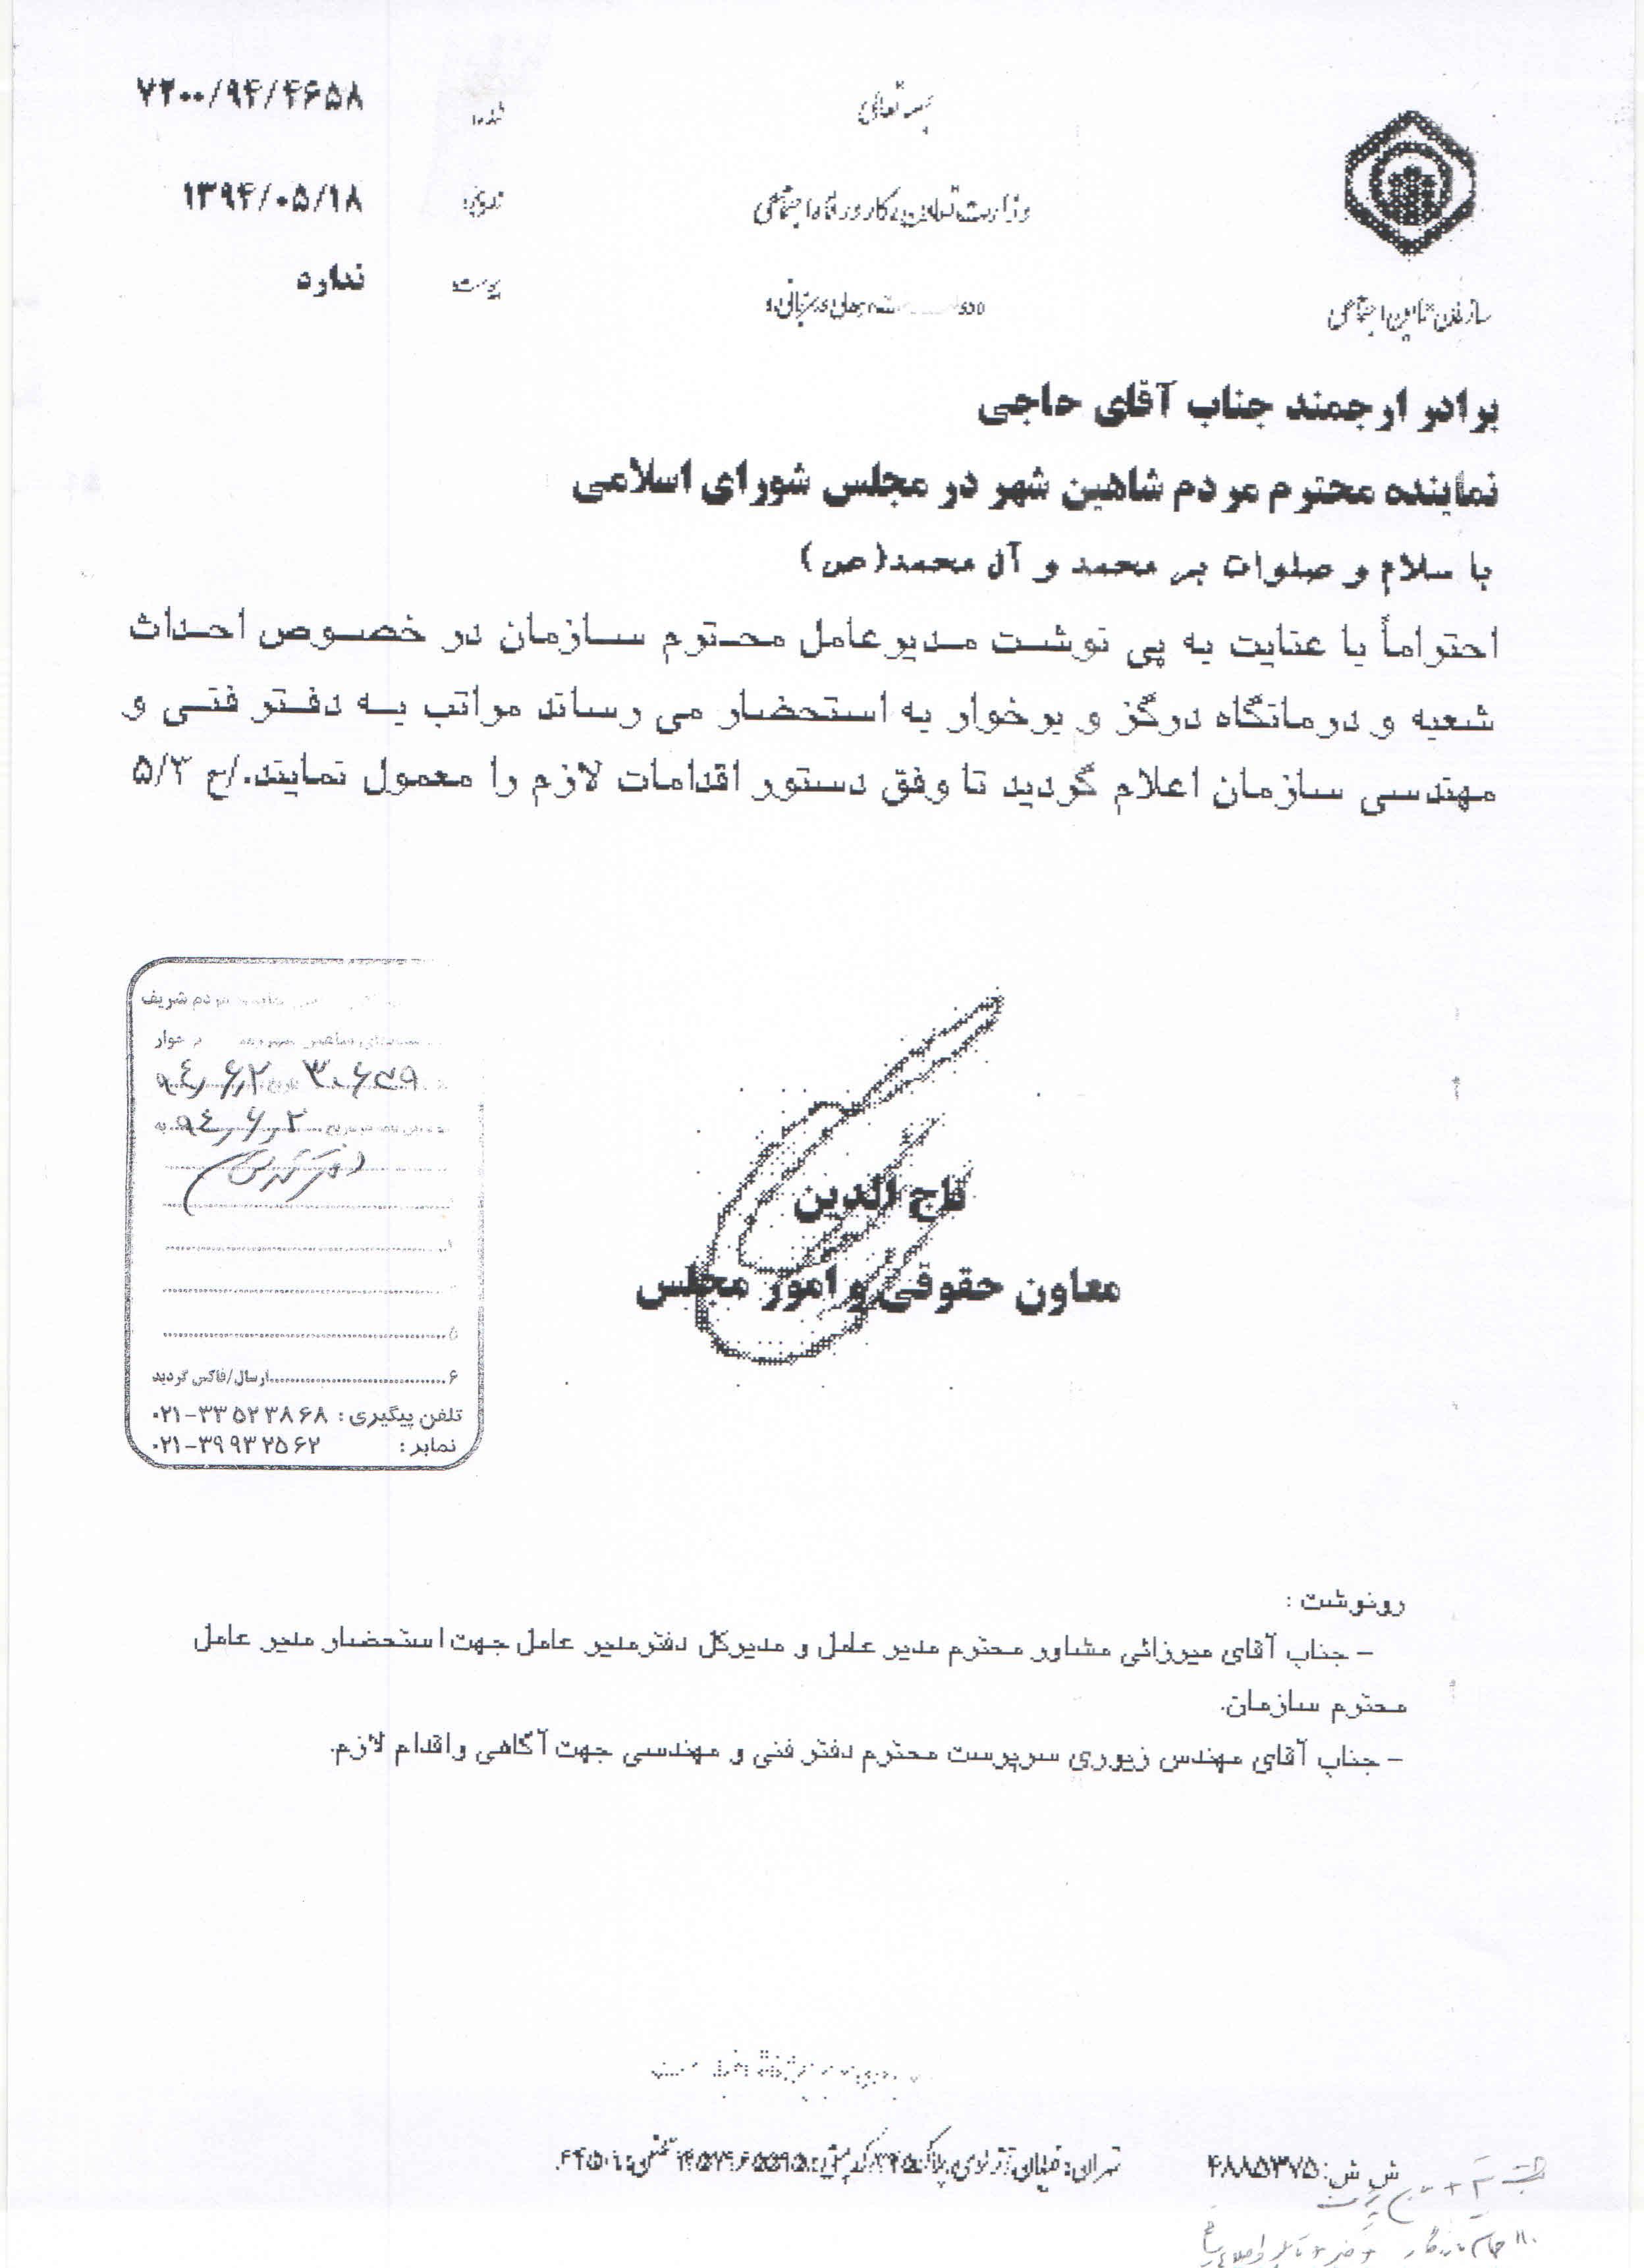 پاسخ سازمان تامین اجتماعی به نامه آقای حاجی